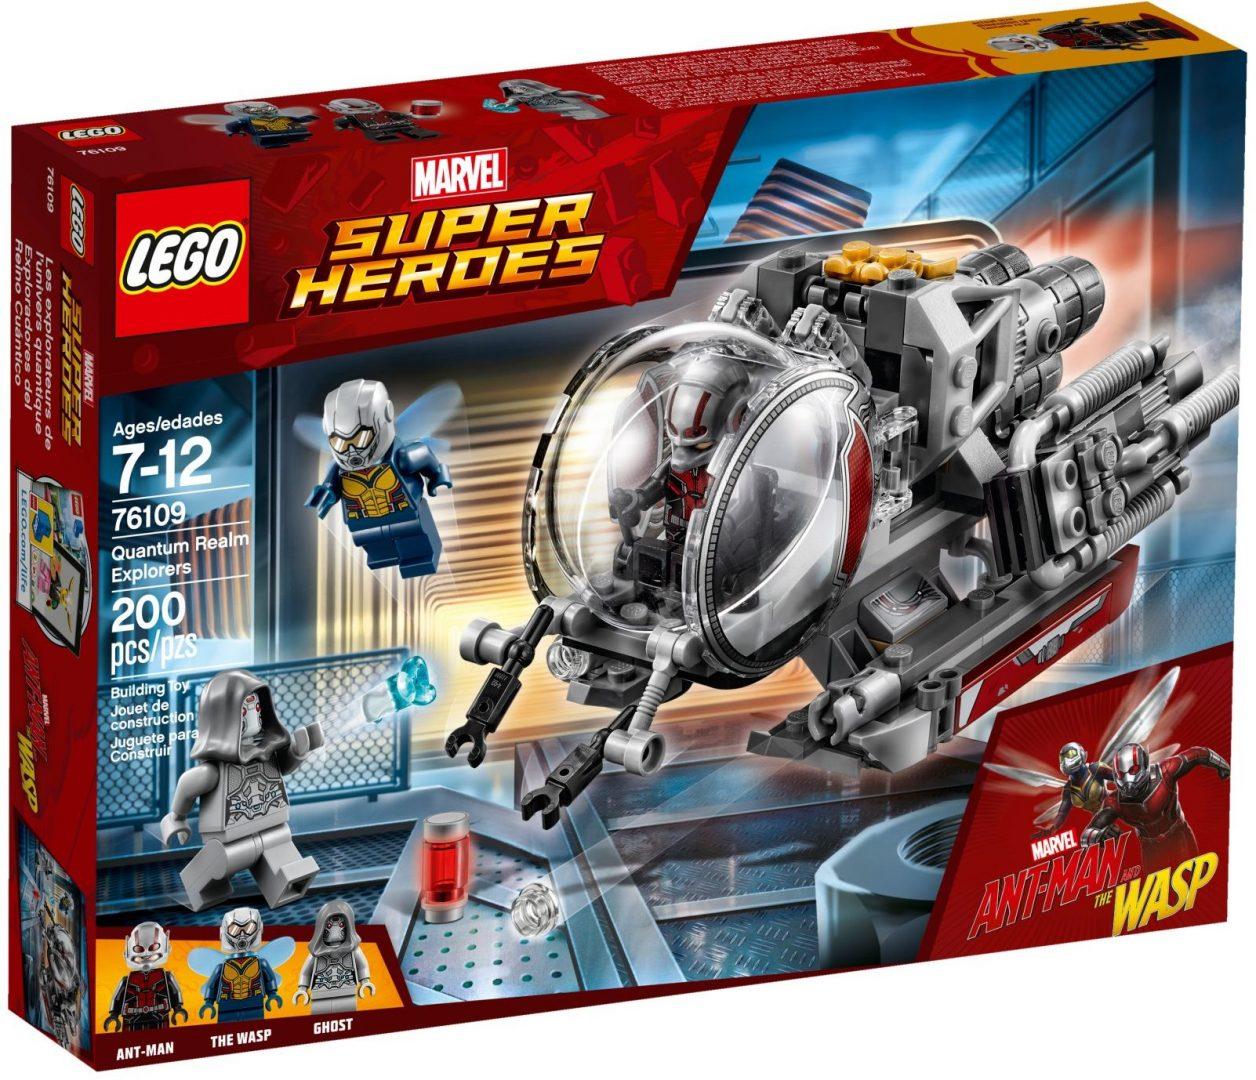 Lego Super Heroes 76109 Quantum Realm Explorers